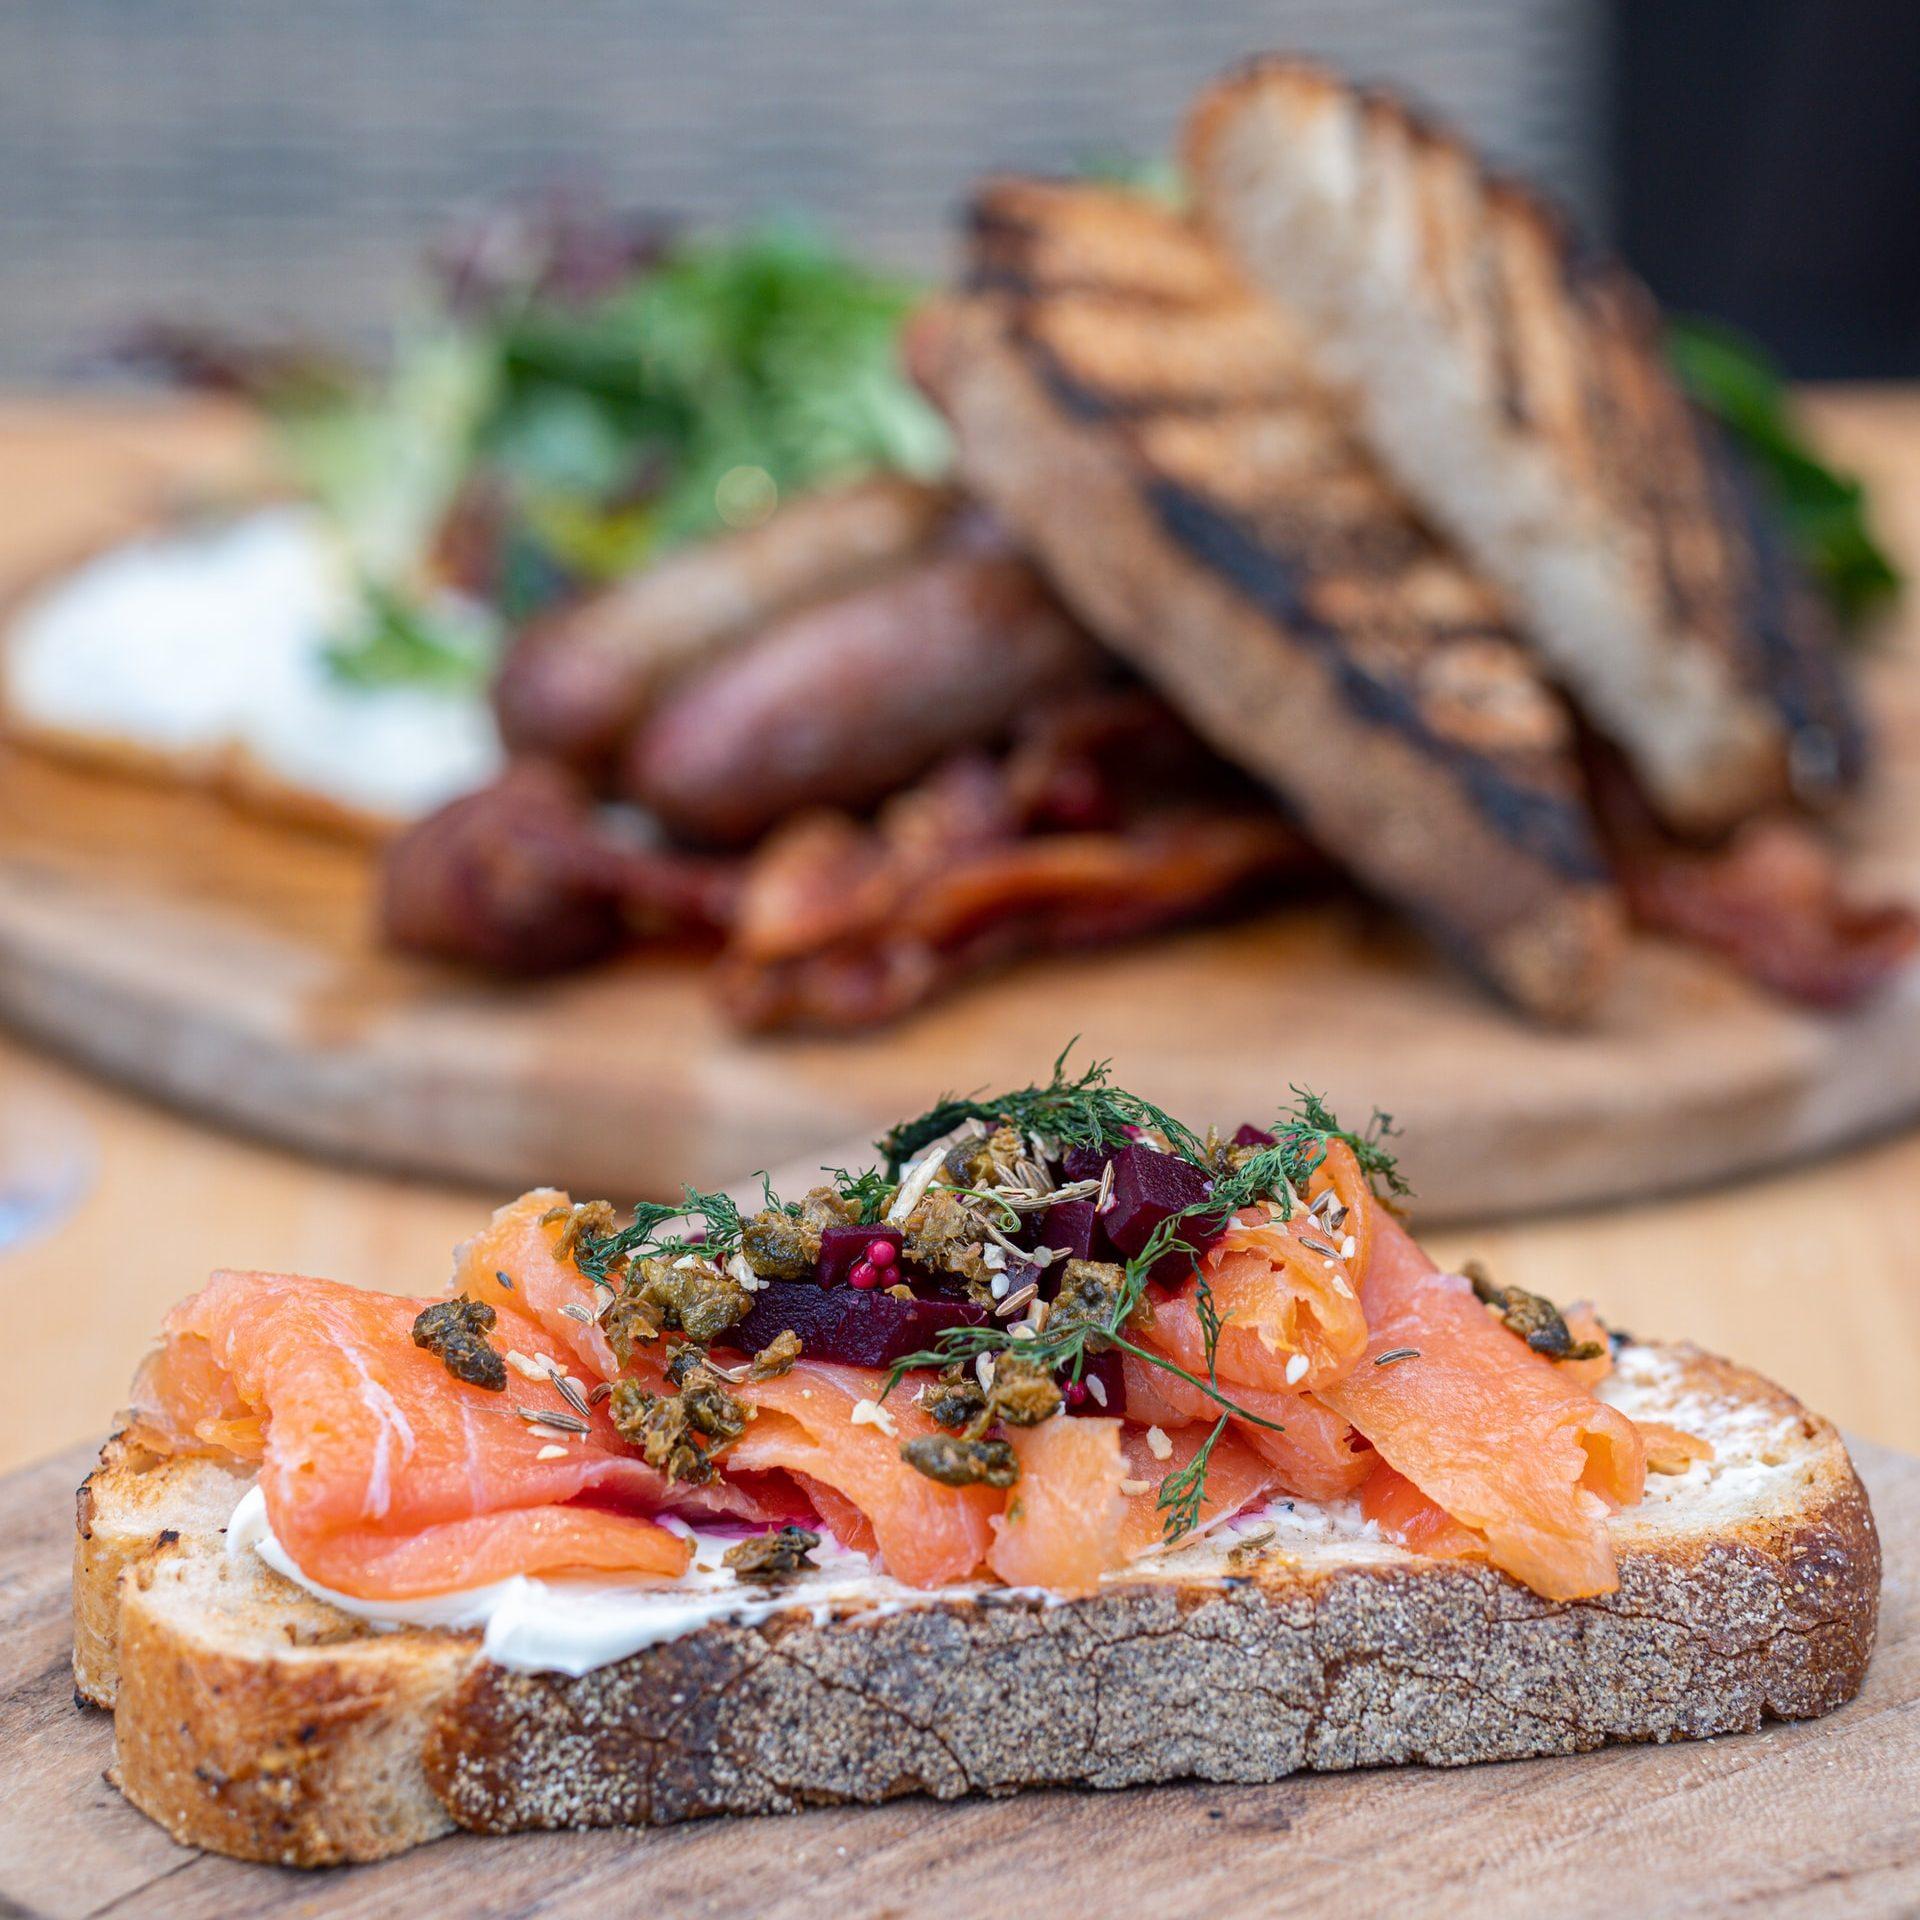 Bánh mì nướng cá hồi hun khói món ăn sáng dưới 400 calo - Đẹp 365